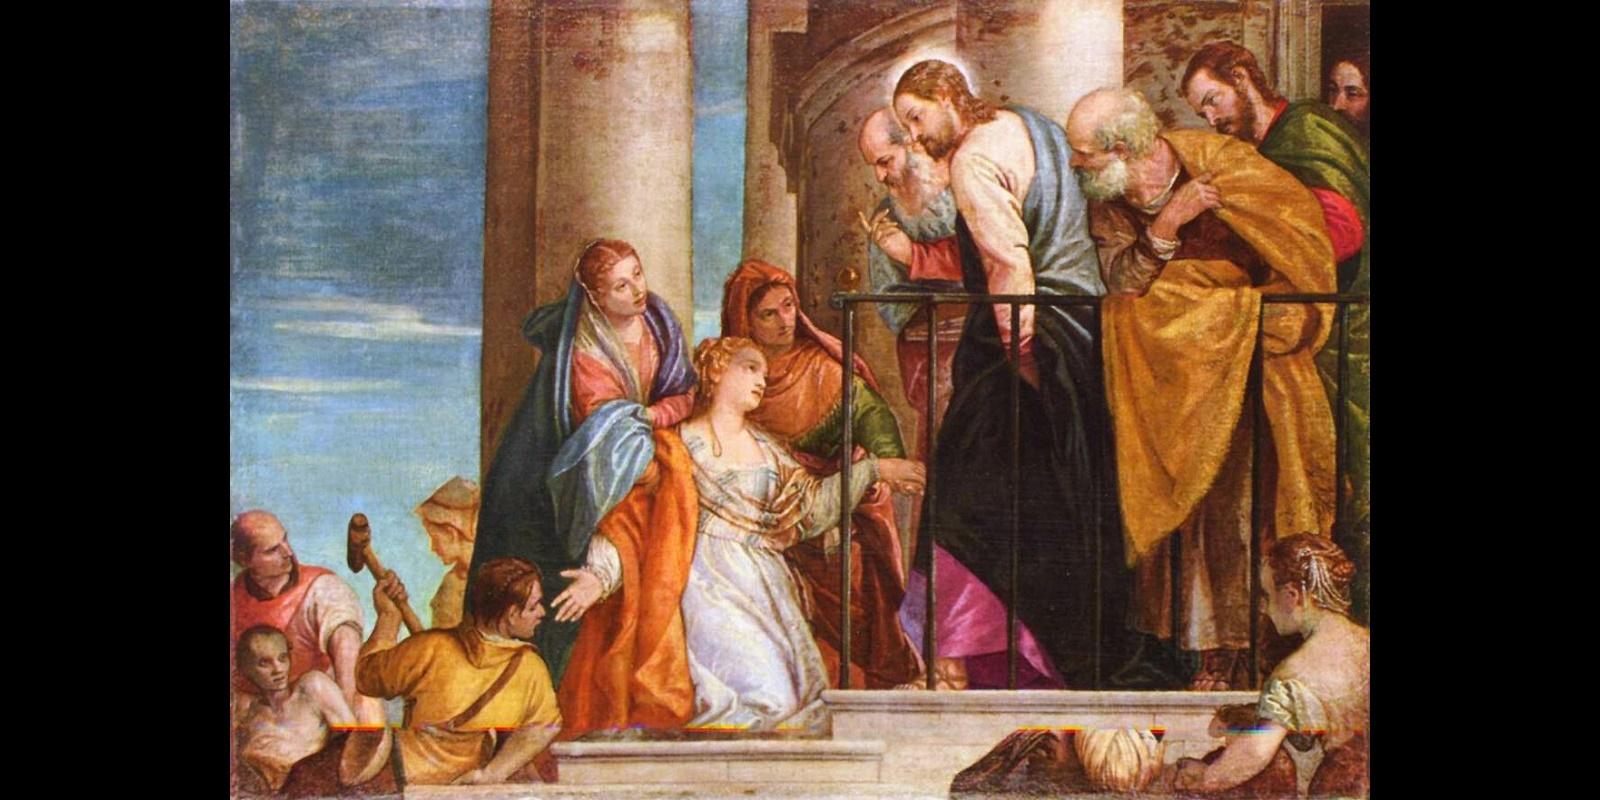 Curación de la hemorroísa, de Veronés (ca. 1570)